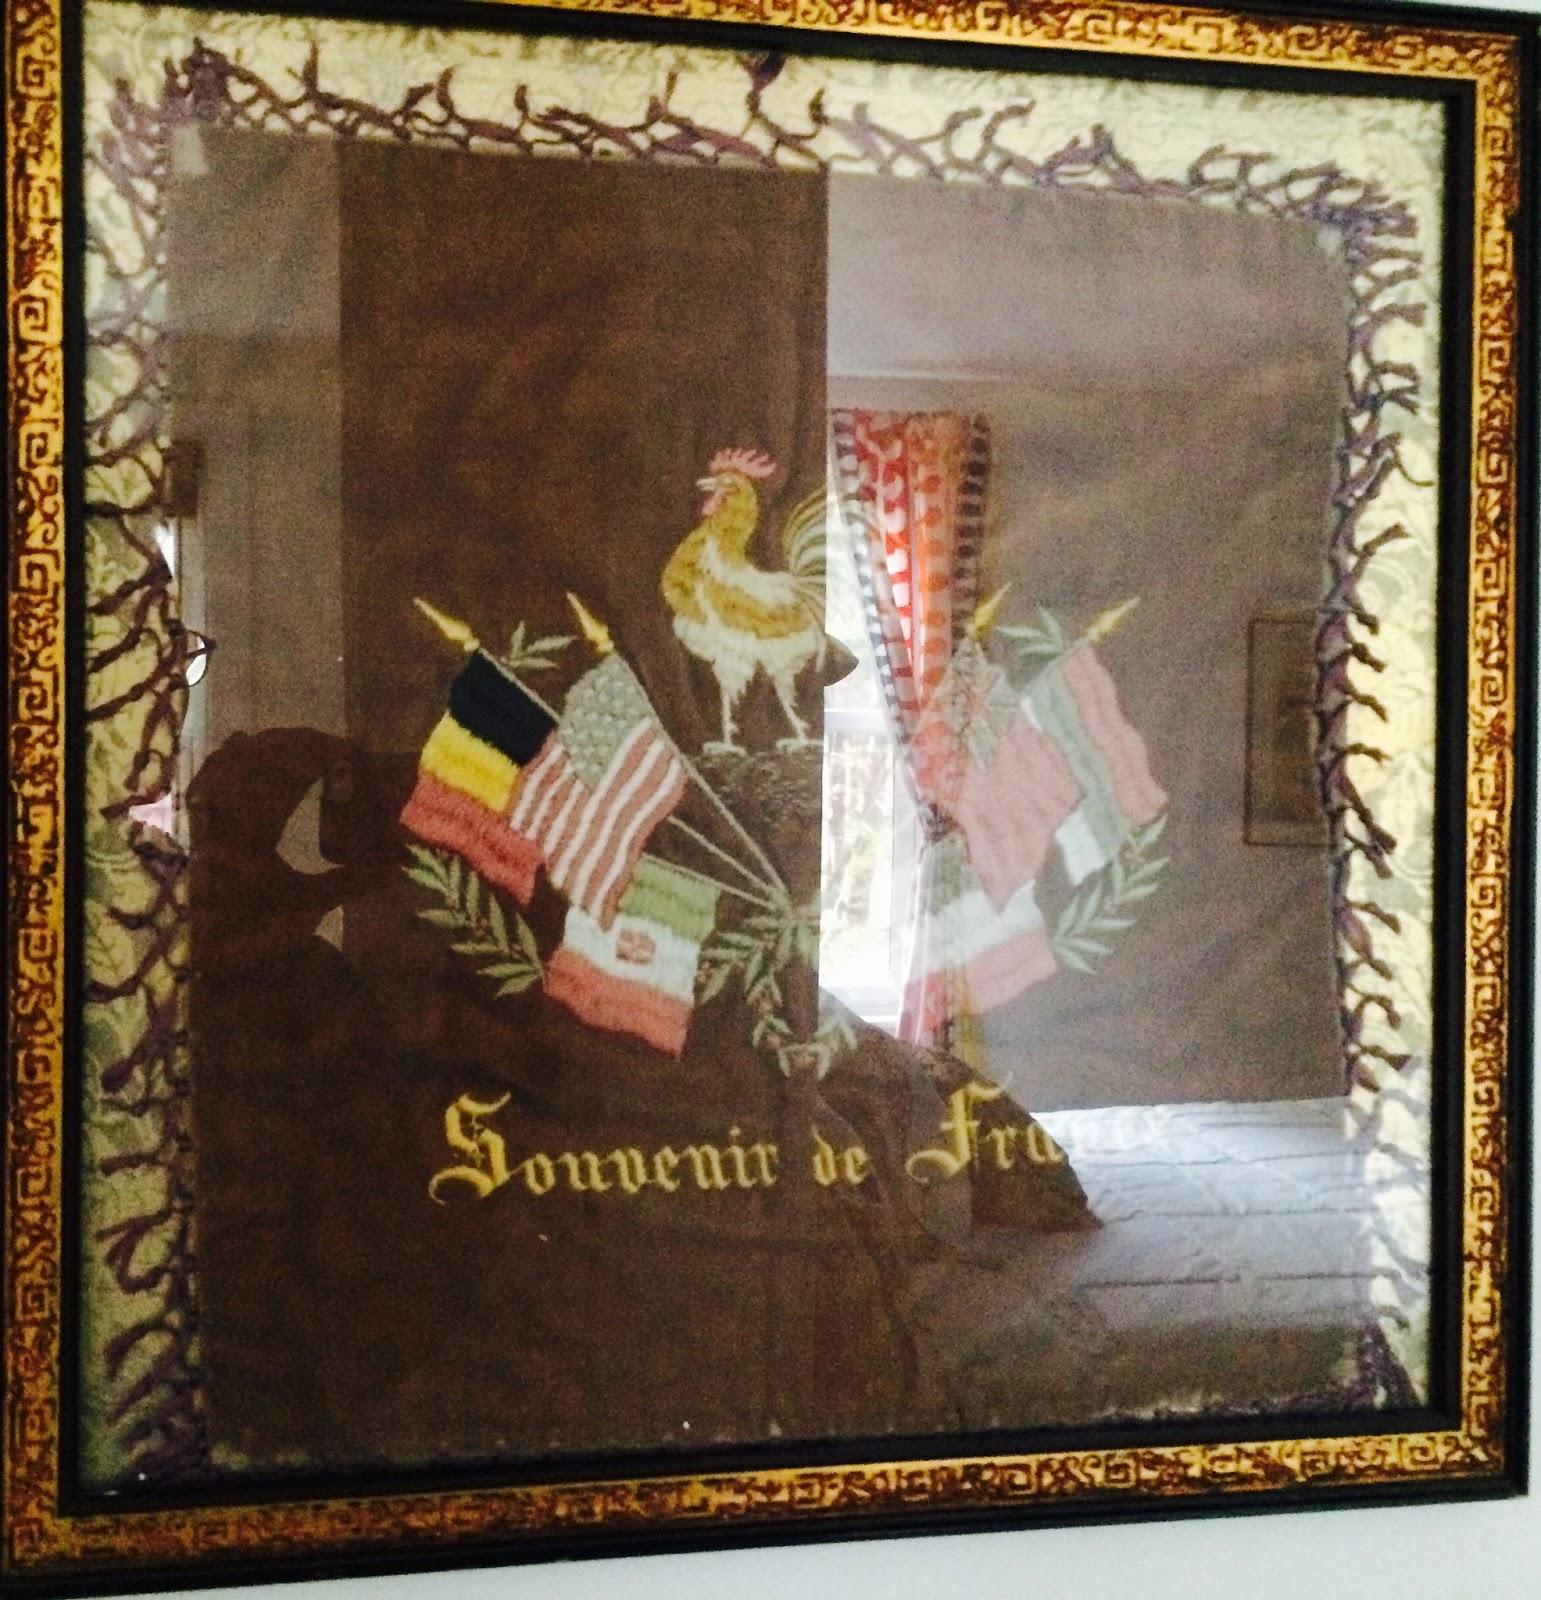 Je Suis En Terrasse artist in an a-frame : je suis en terrasse xox